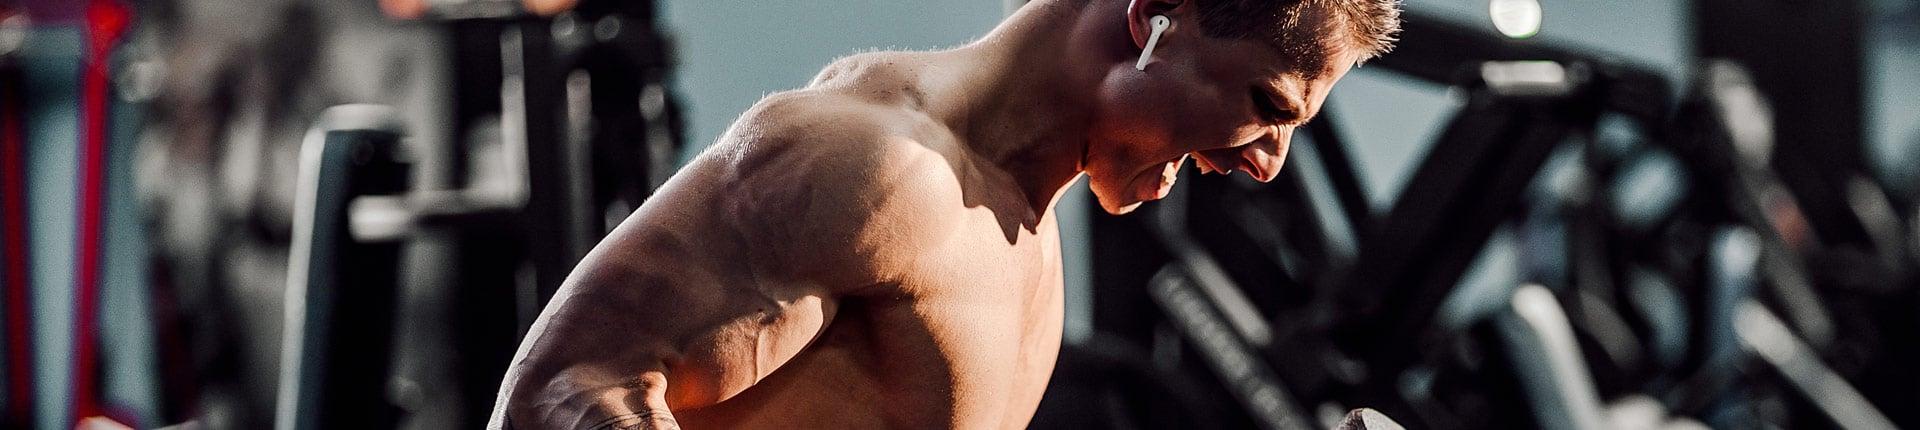 Trening na siłowni bez planu treningowego daje słabe efekty